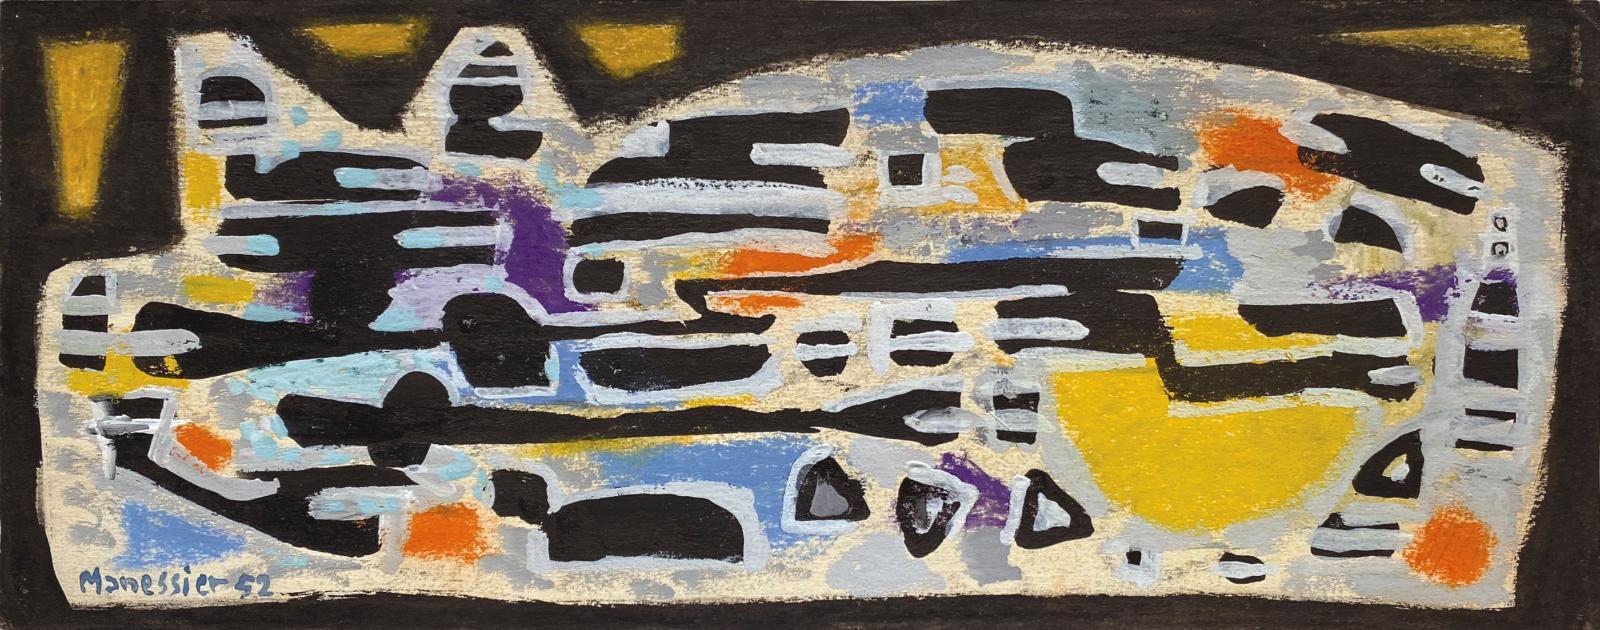 Alfred Manessier (1911-1993), Hiver, 1952, gouache et pastel sur papier, 13,4x33cm. Courtesy Galerie Laurentin, Paris - Bruxelles